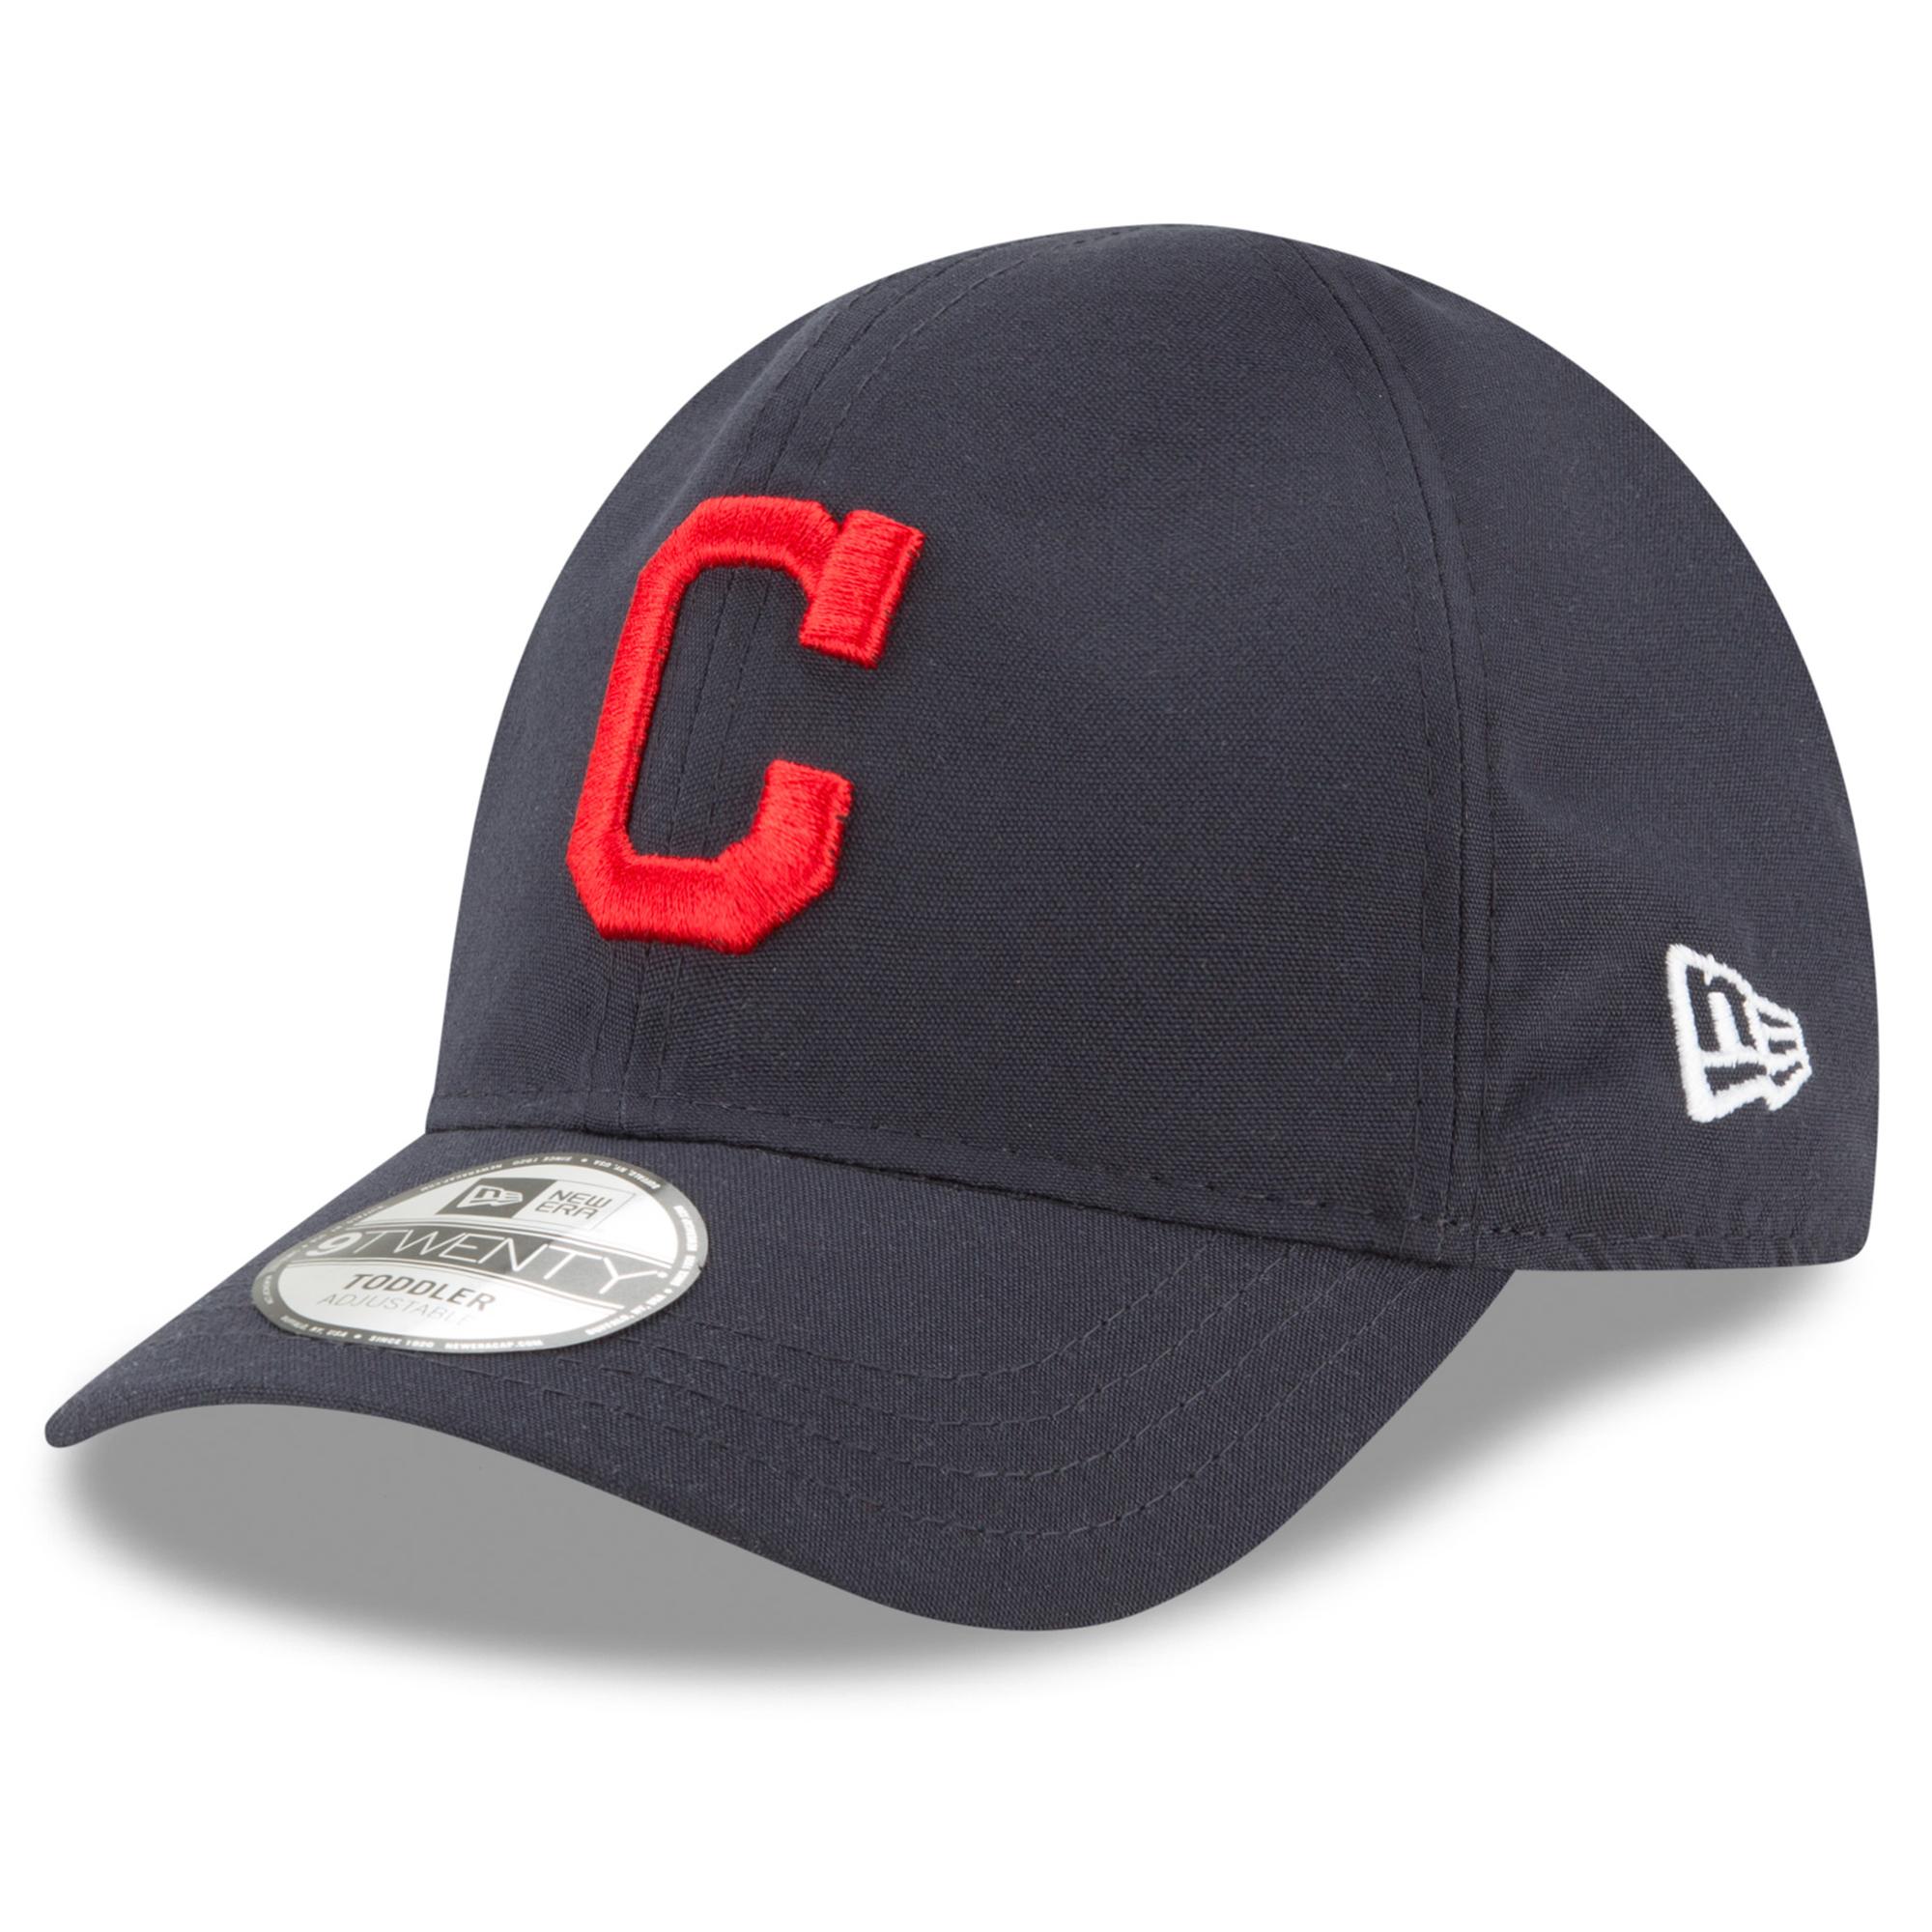 Cleveland Indians New Era Toddler My First 9TWENTY Flex Hat - Navy - OSFA